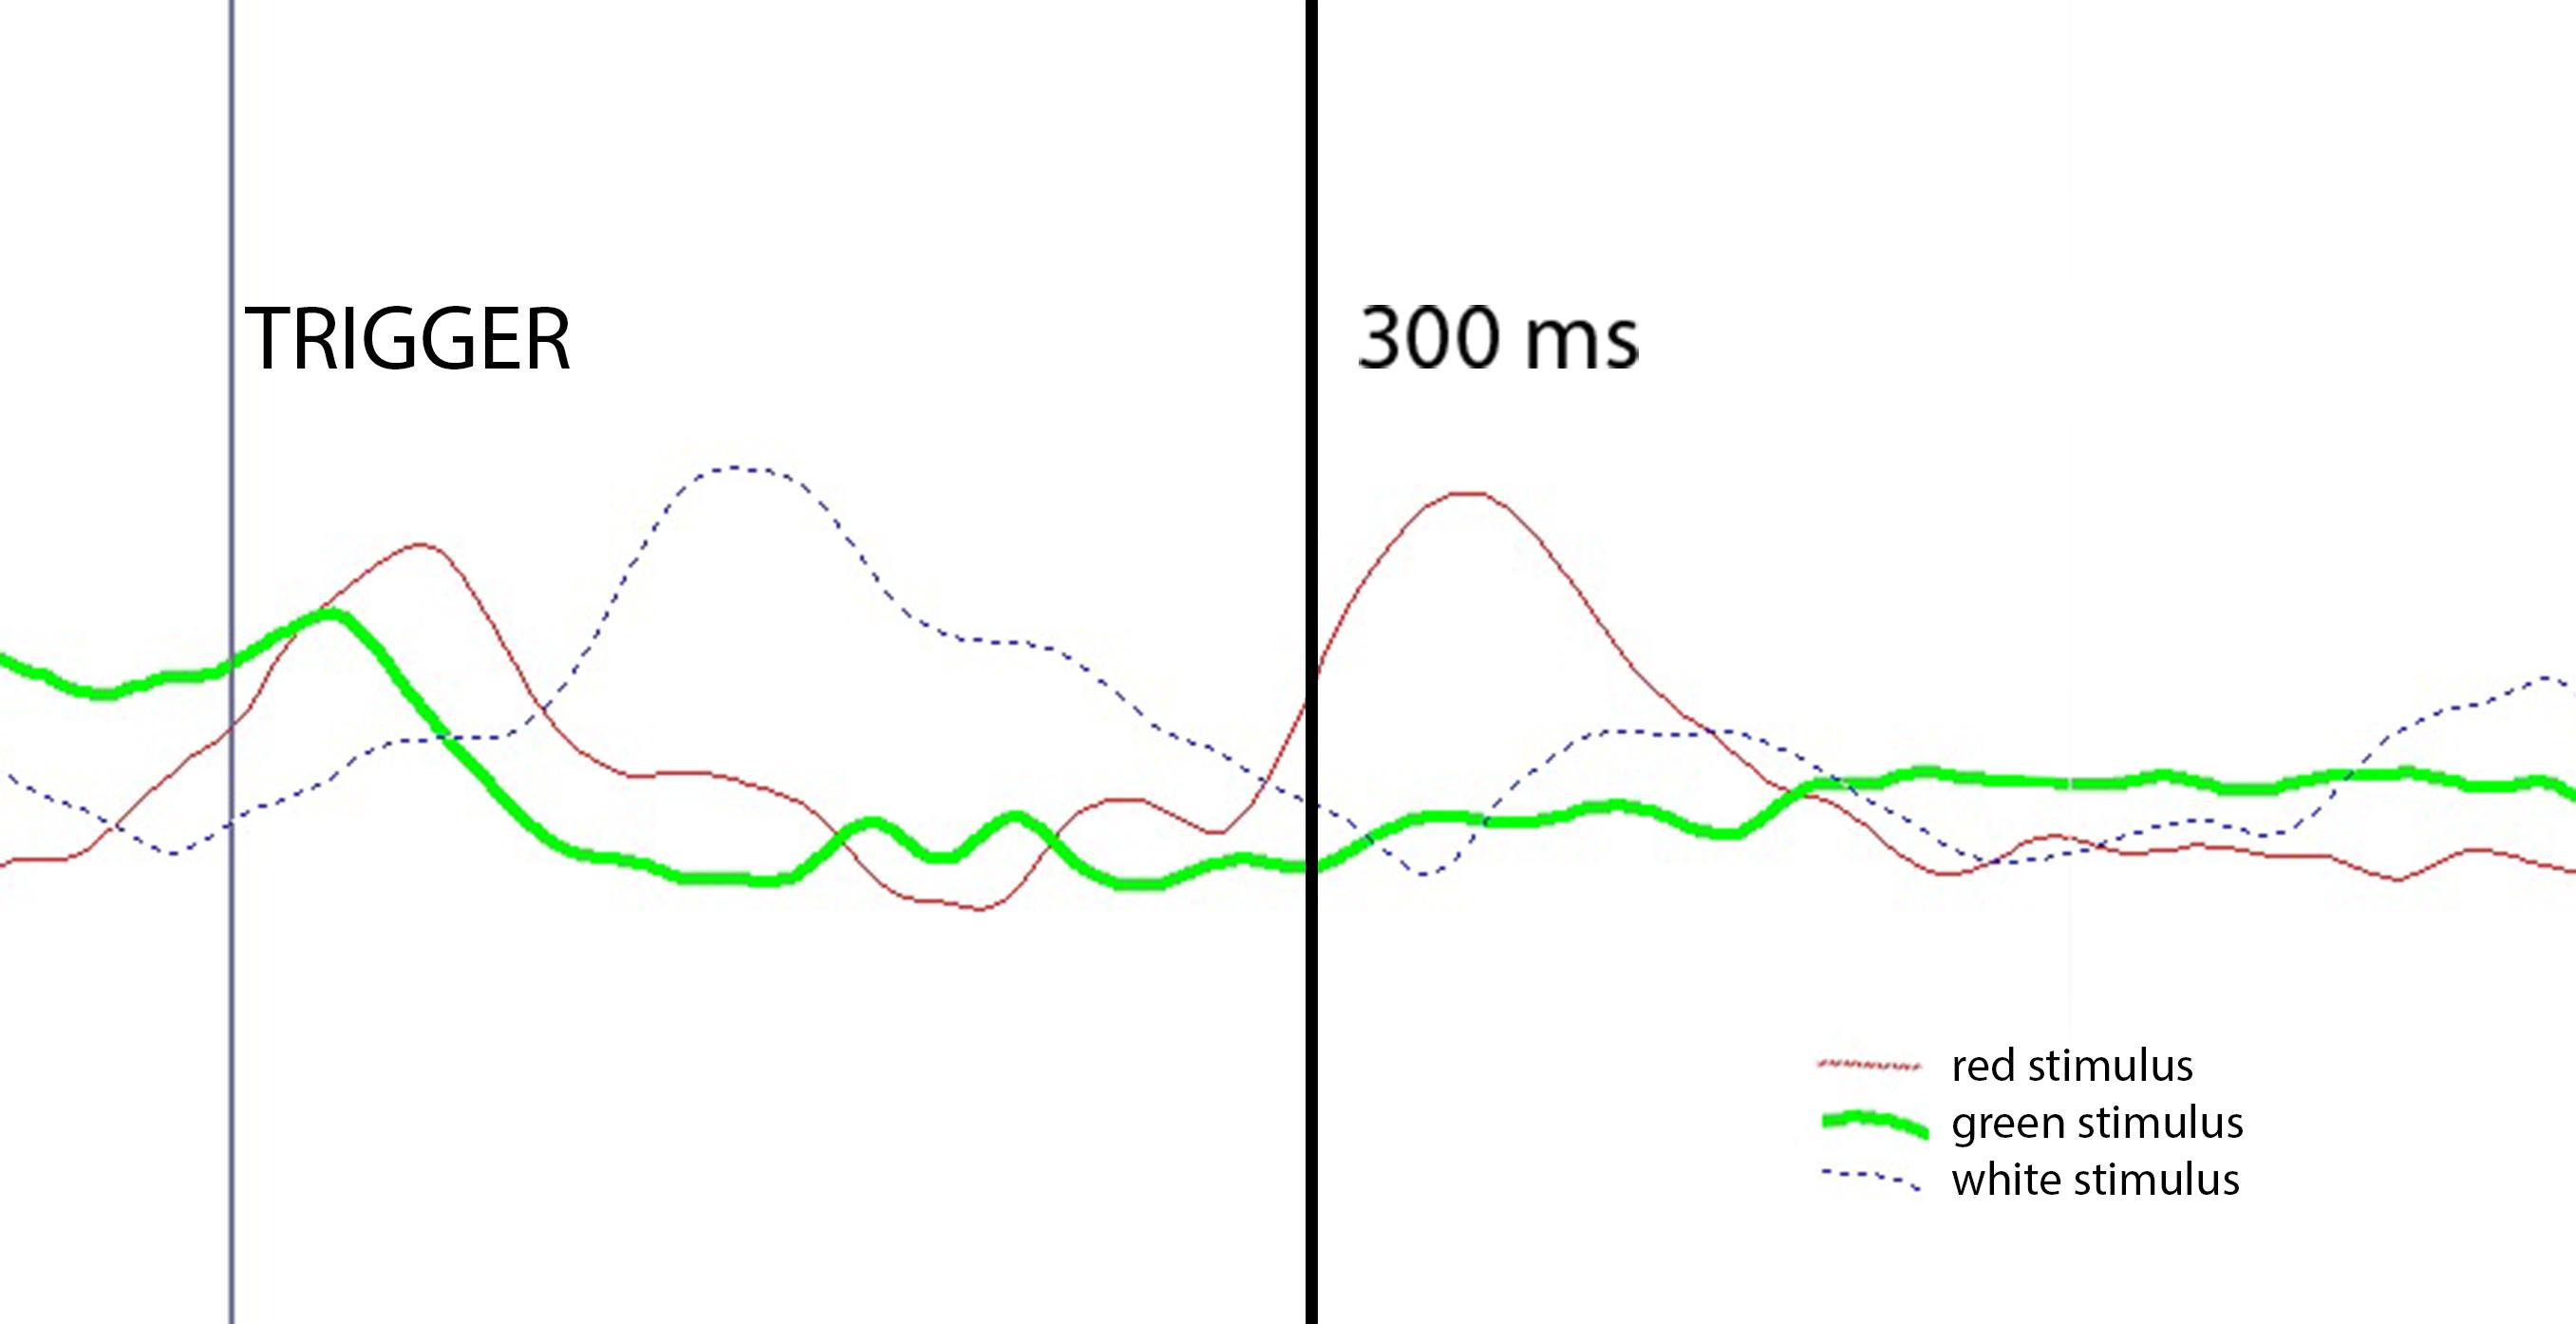 Le p300 elicitate dai trigger rari generati durante la simulazione cognitiva